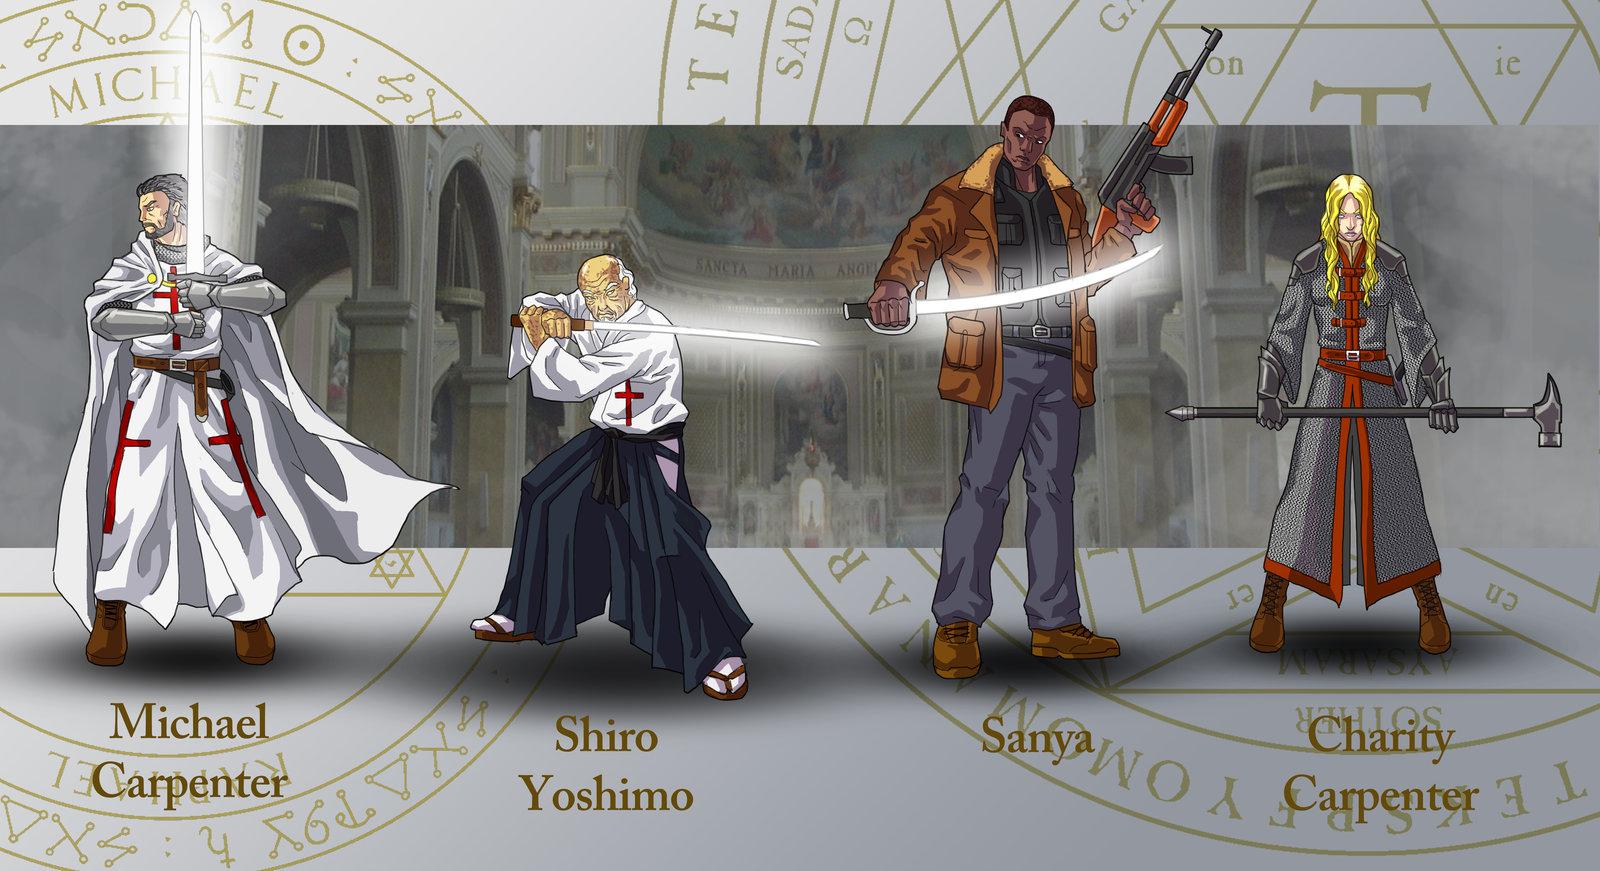 Dresden-Files-characters-by-wildcard-deviantart-com-on-deviantART-wallpaper-wp4605506-1